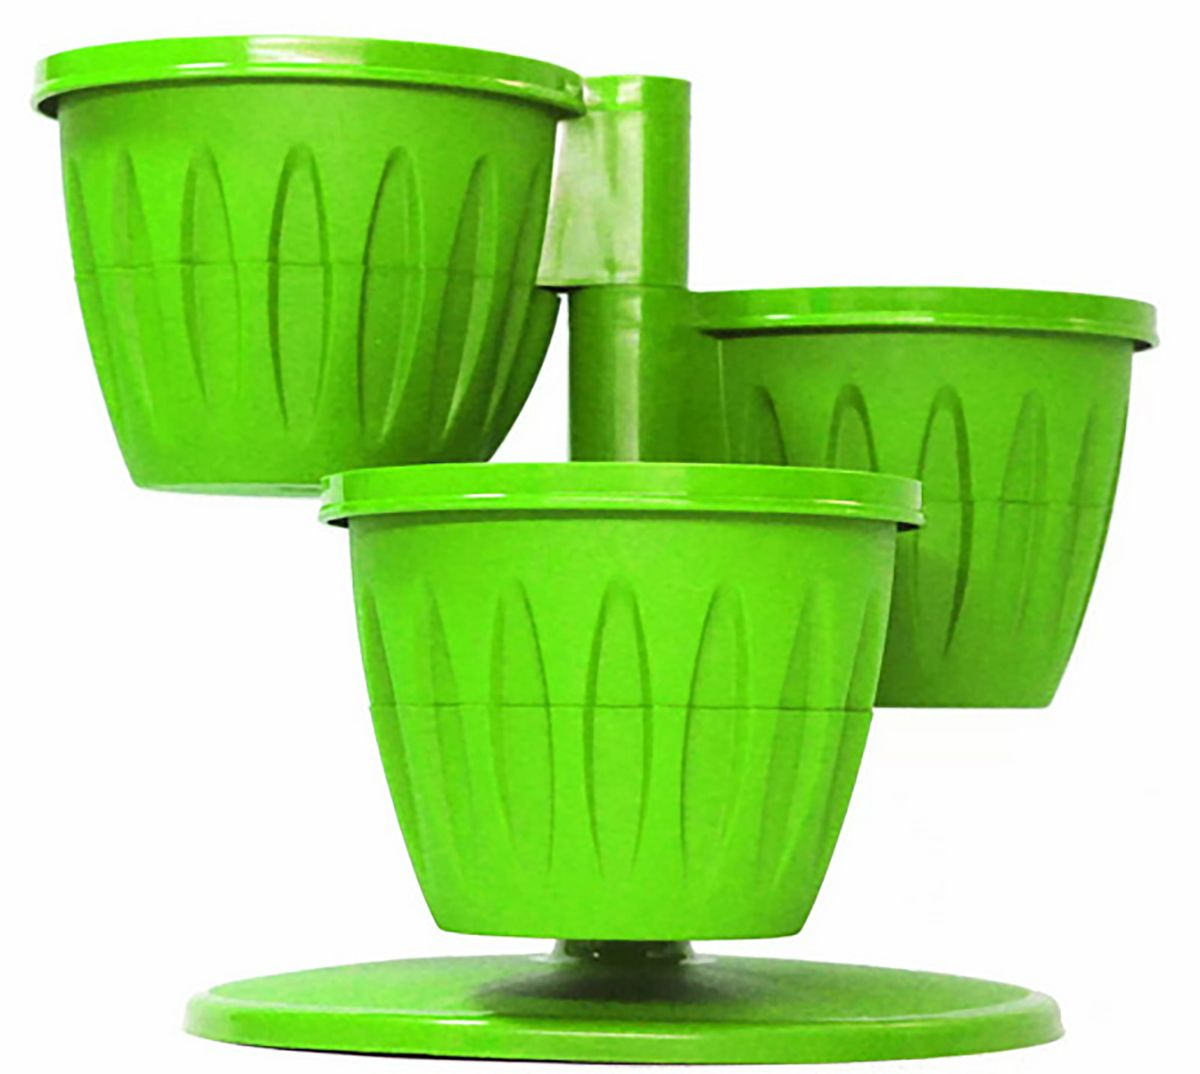 Цветочный каскад JetPlast Каскад, с подставкой, цвет: фисташковый, 29 x 23 см531-326Цветочный каскад JetPlast выполнен из полипропилена. Он состоит из трех горшков, установленных на одну подставку. Каждый горшок состоит из двух частей: в верхнюю высаживается растение, а нижняя часть используется как резервуар для воды. Цветочный каскад позволит вам эффективно использовать площадь подоконника для высадки растений.